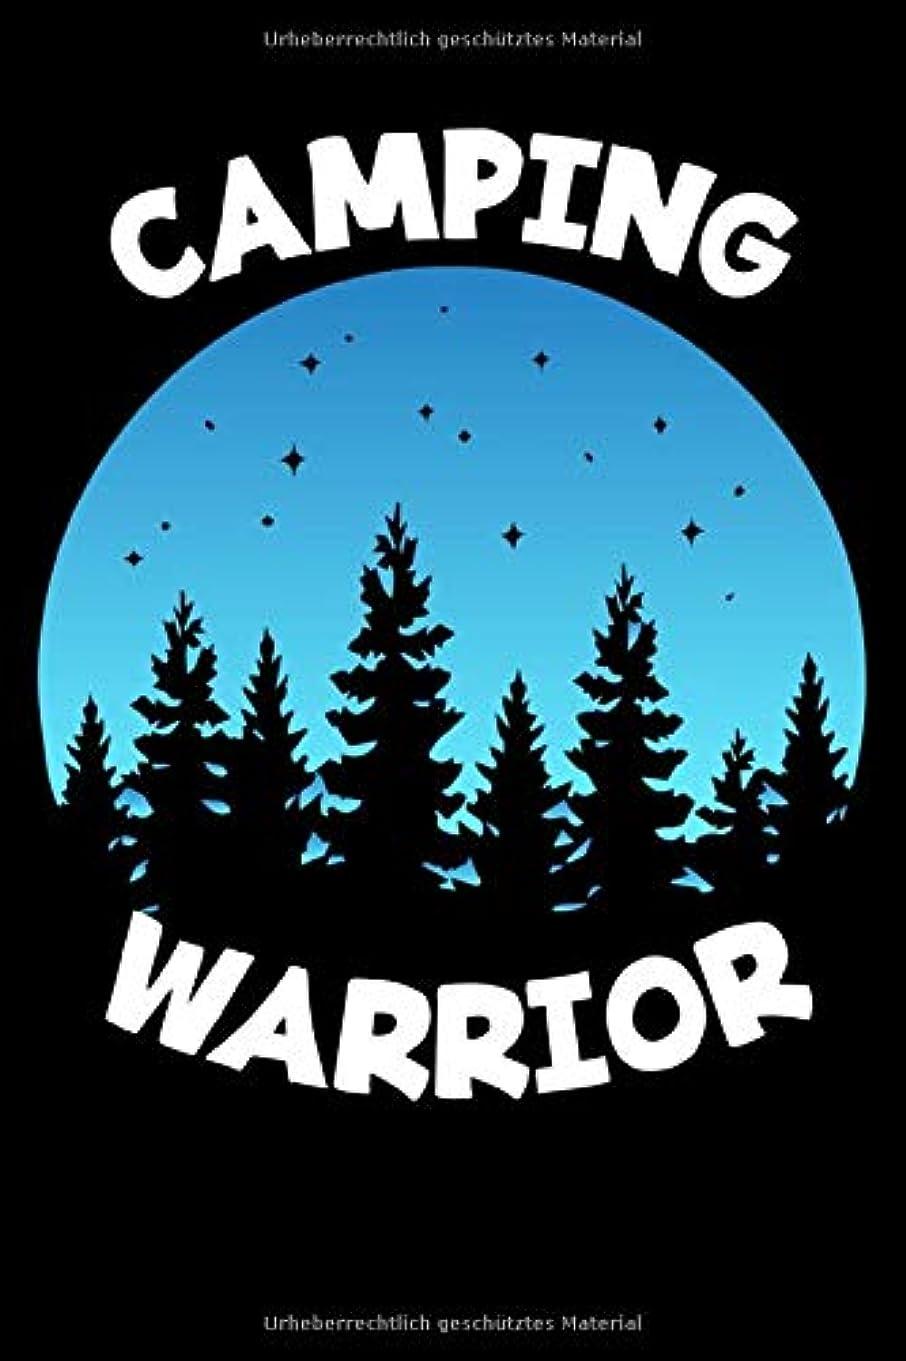 トランペット生態学冷蔵するMein Wohnmobil Reisetagebuch: Dein persoenliches Tourenbuch fuer Wohnmobil und Campingreisen im handlichen 6x9 Format I Motiv: Camping Warrior Baeume